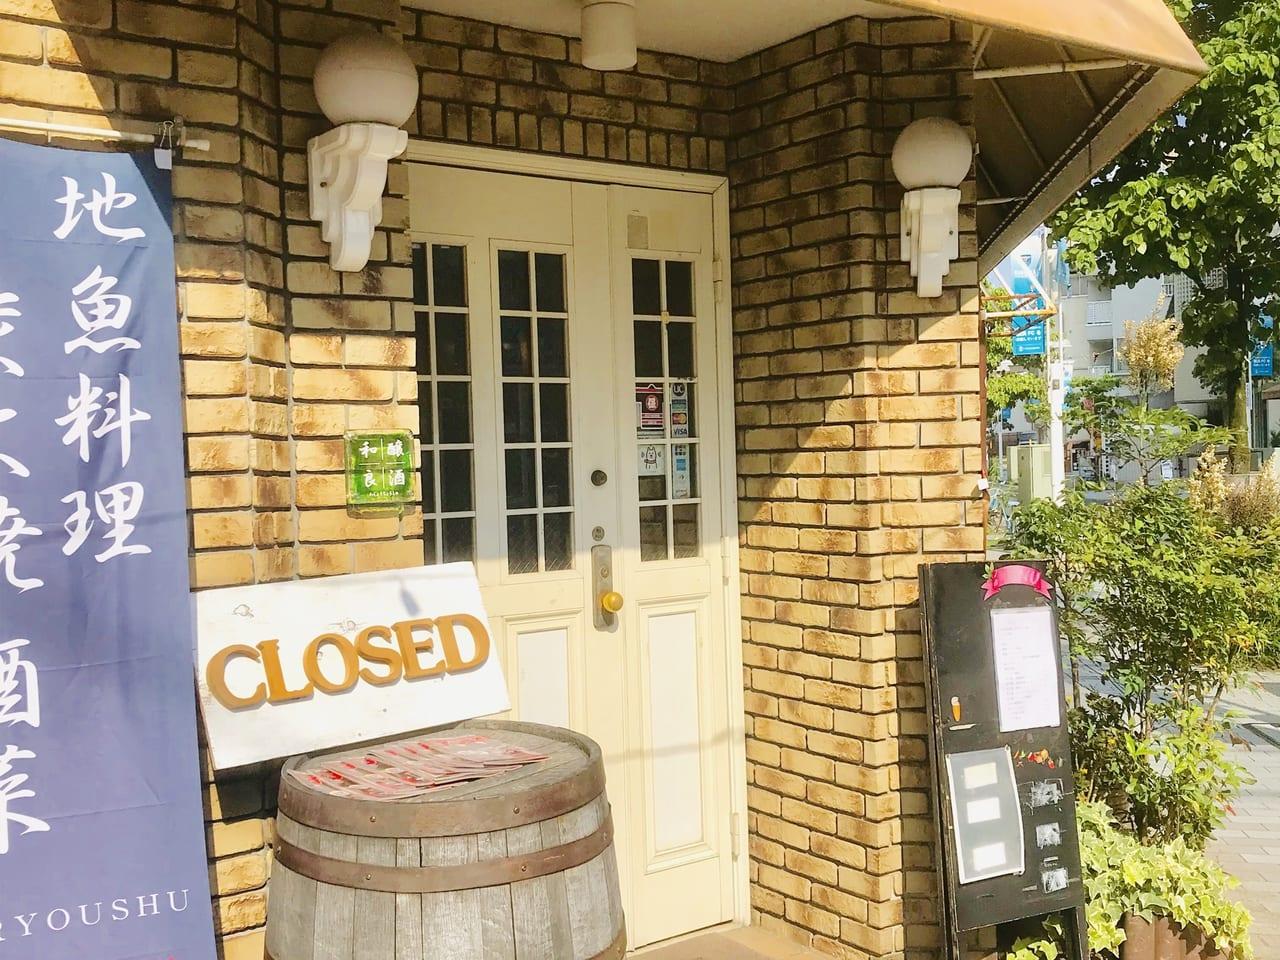 天王町の和醸良酒の入口